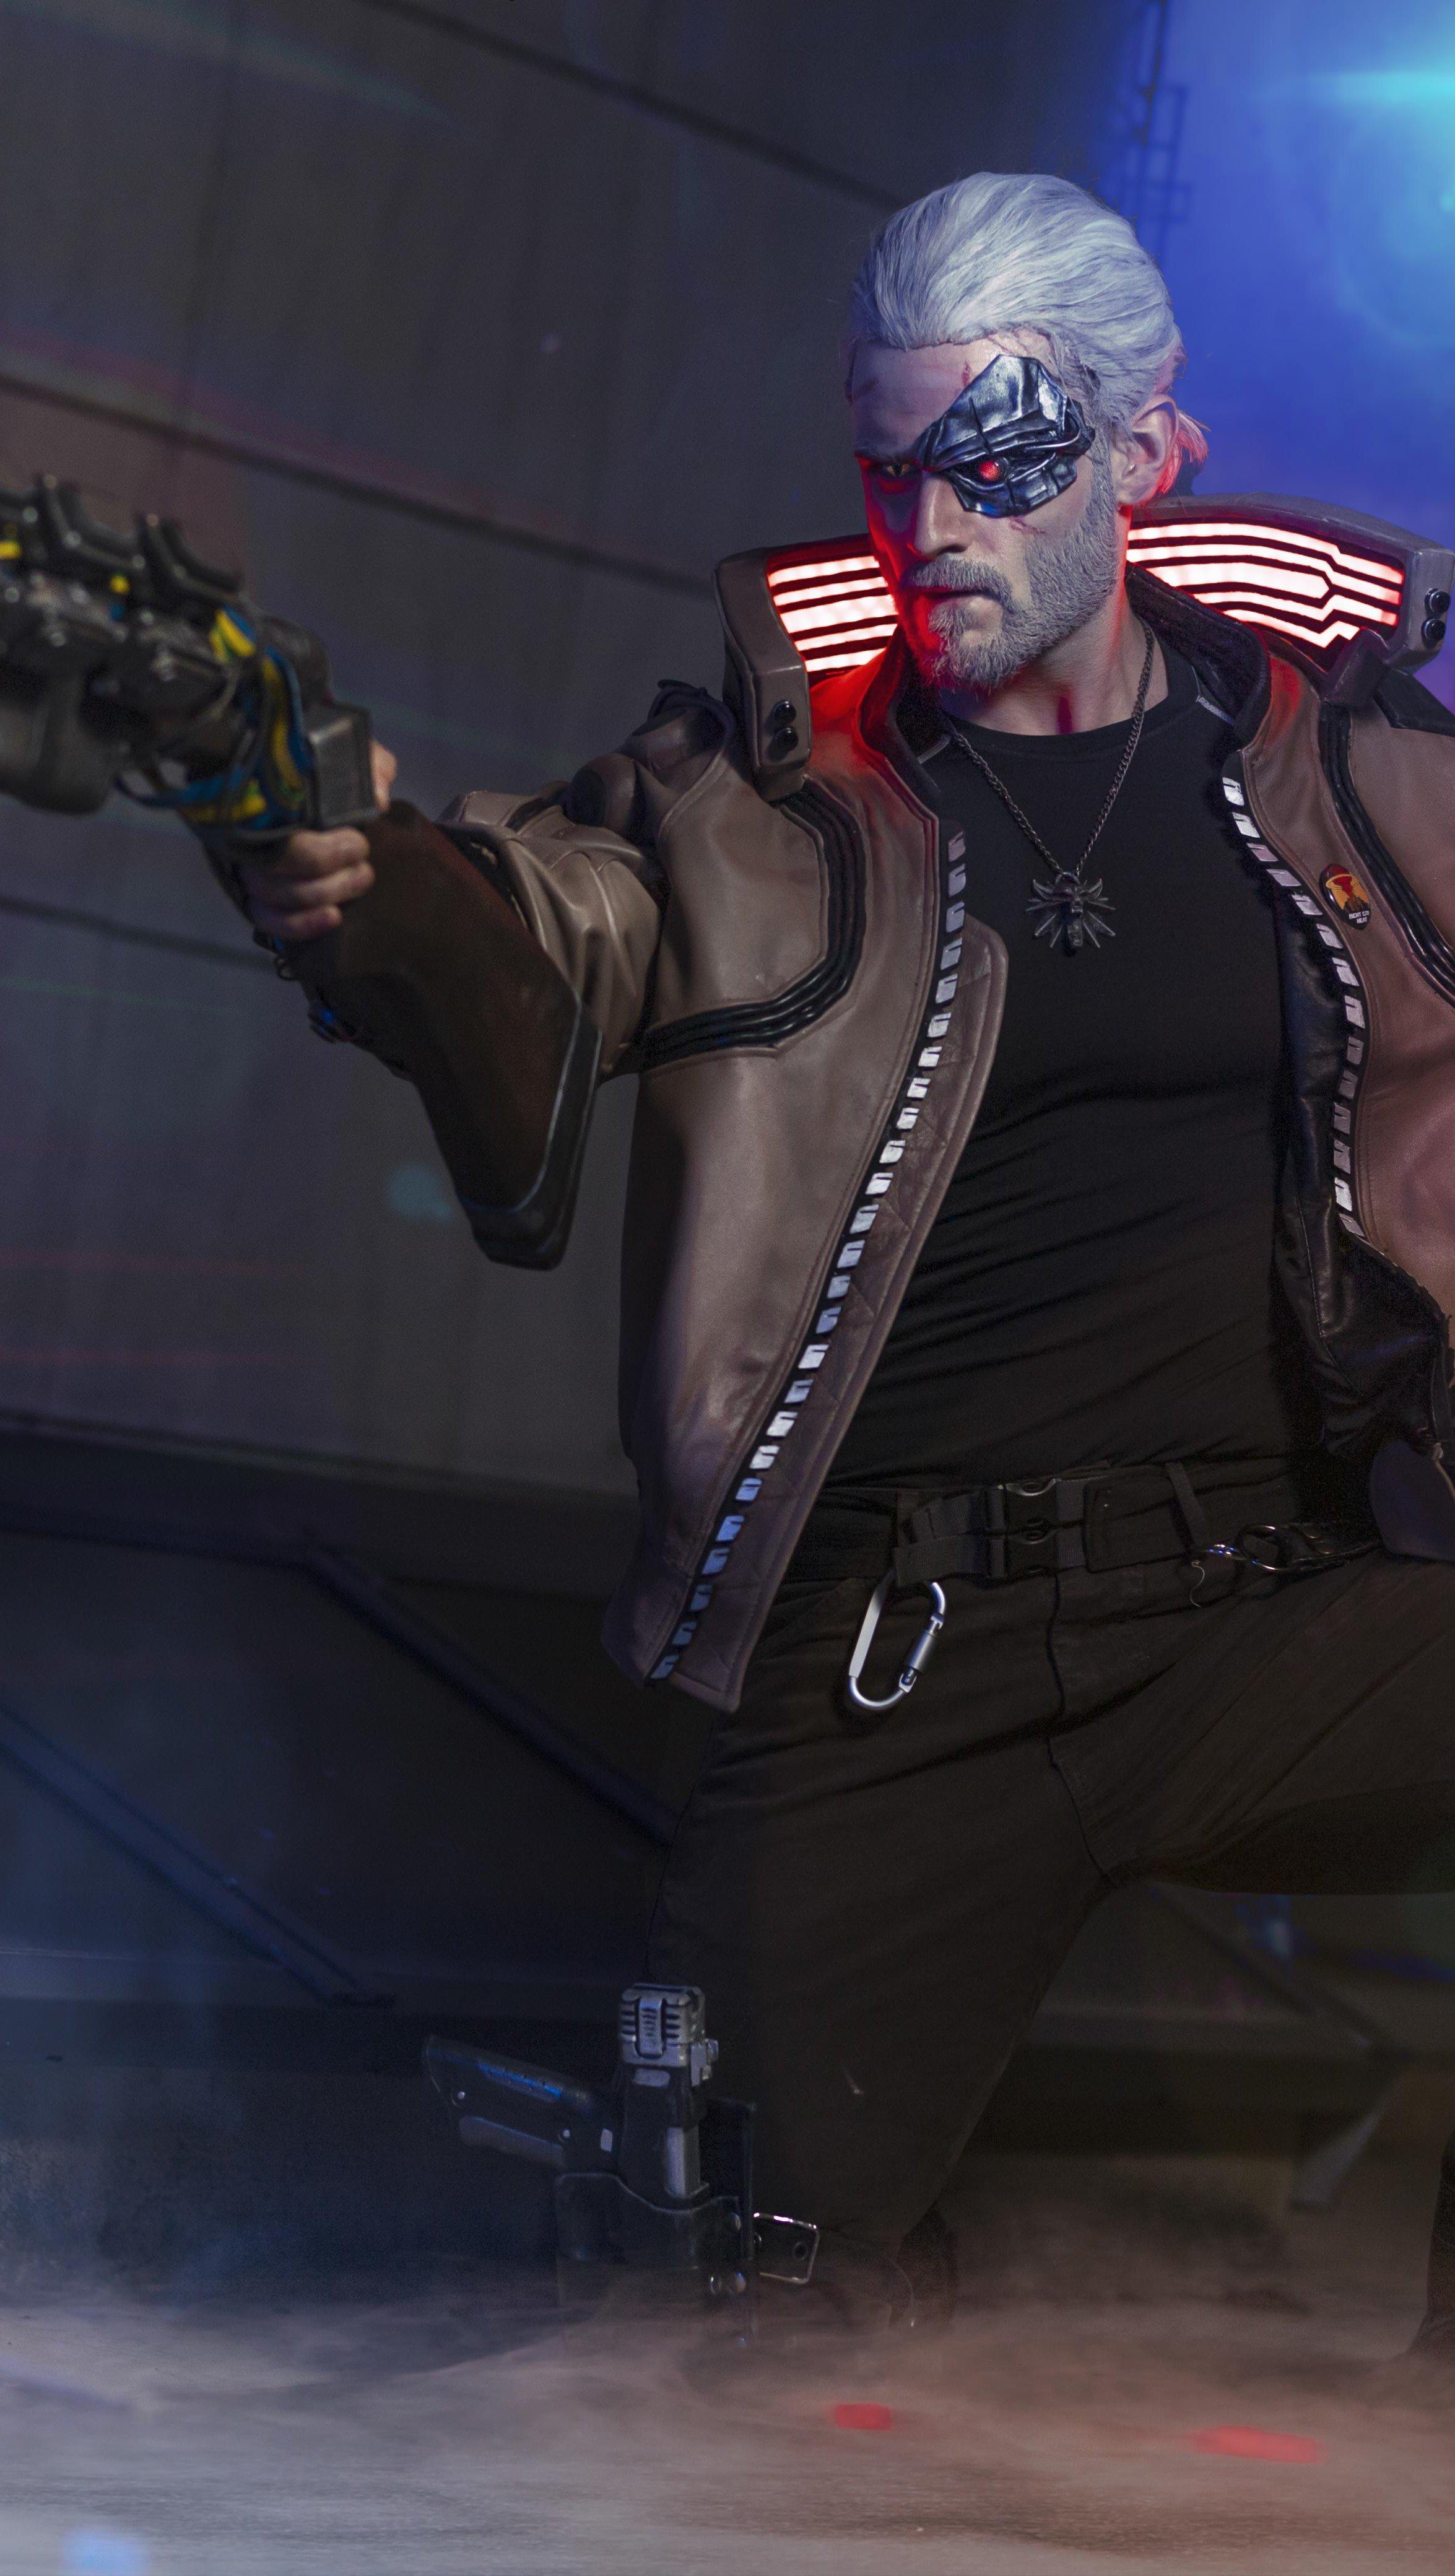 Wallpaper Witcher from Cyberpunk 2077 Vertical